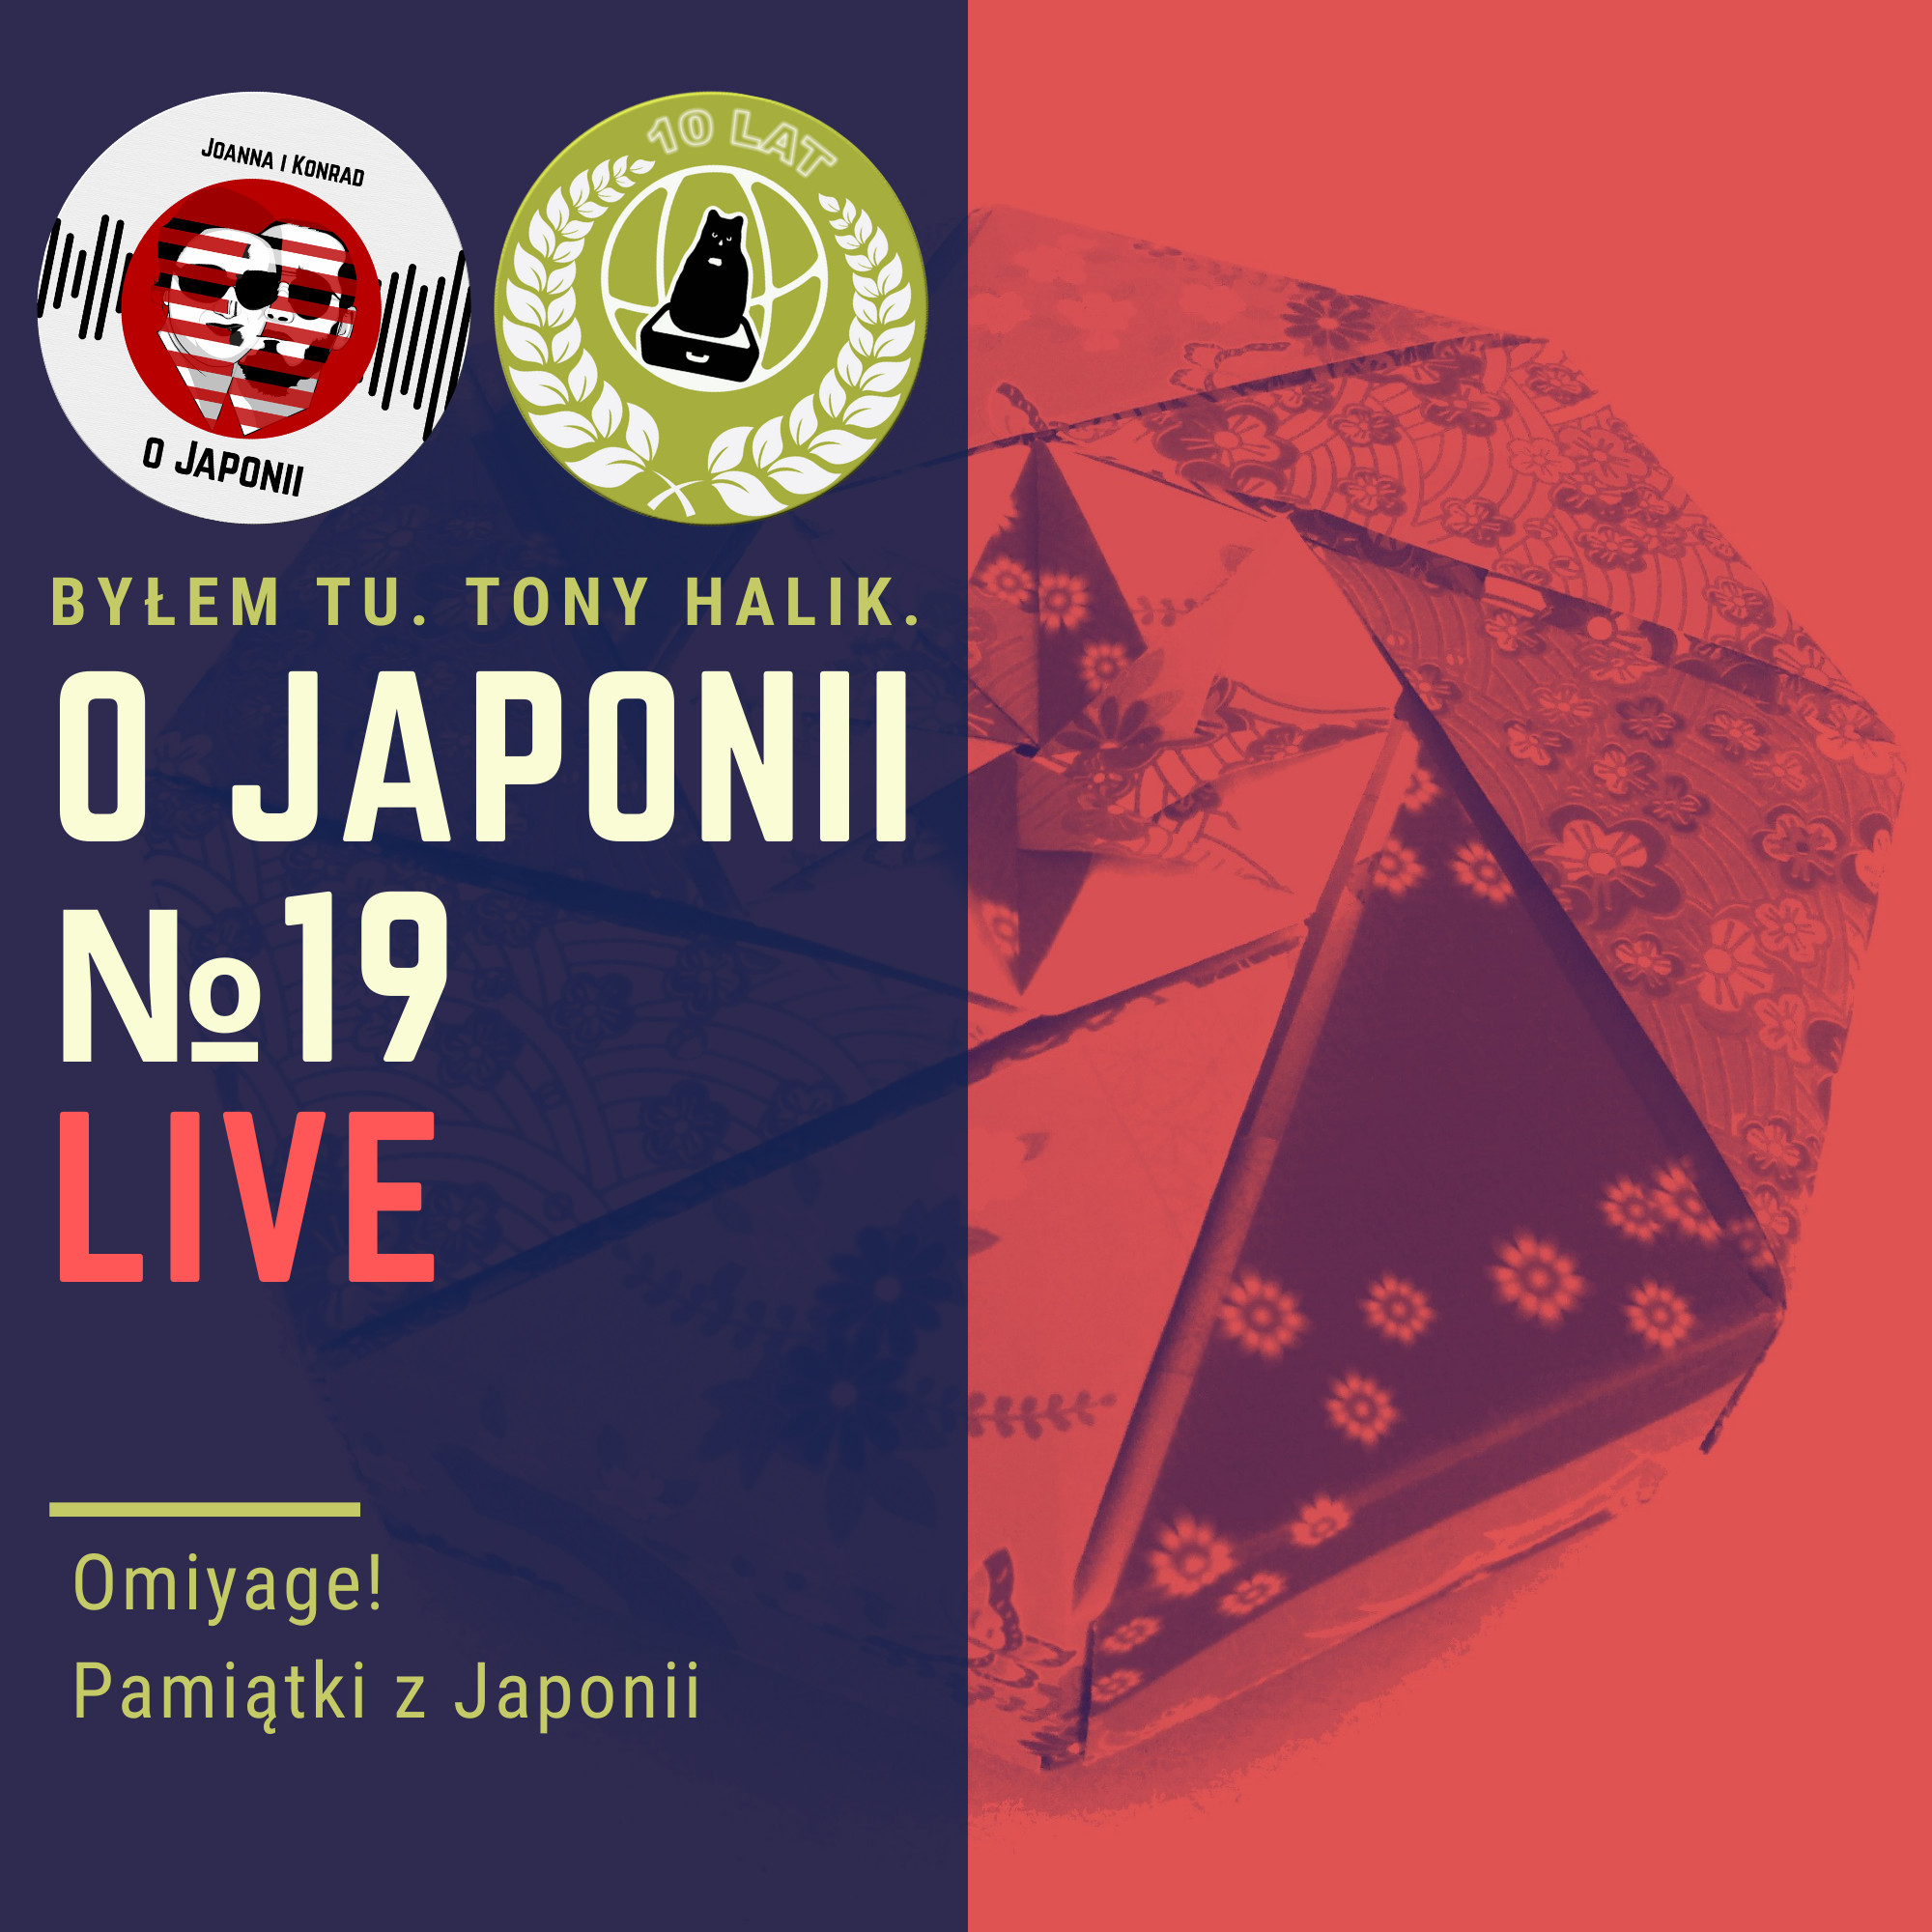 Podcast oJaponii №19 (Omiyage! Pamiątki zJaponii)